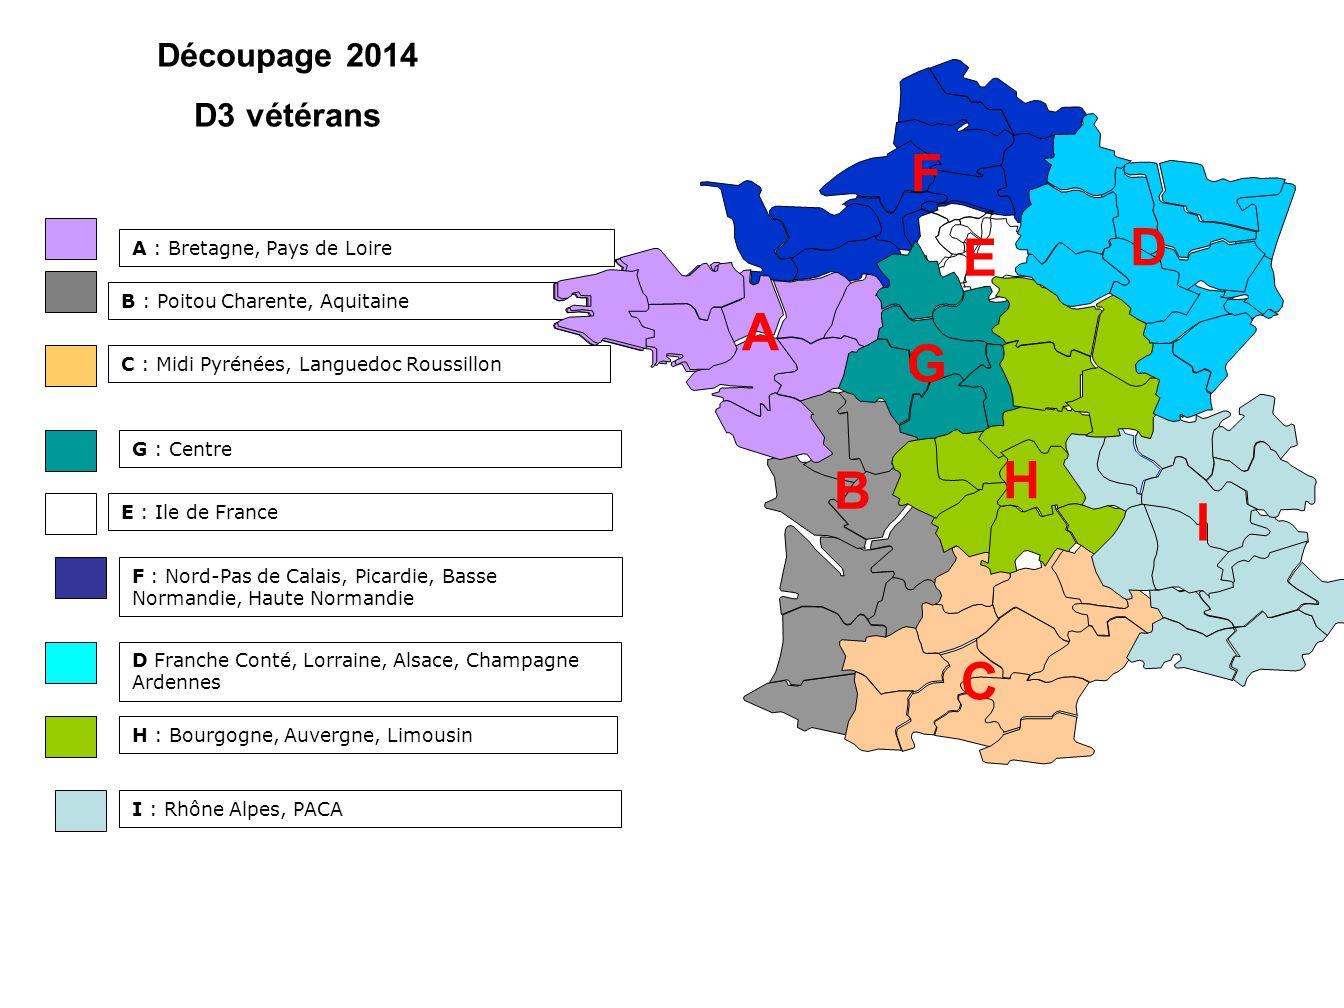 A : Bretagne, Pays de Loire E : Ile de France F : Nord-Pas de Calais, Picardie, Basse Normandie, Haute Normandie G : Centre D Franche Conté, Lorraine,